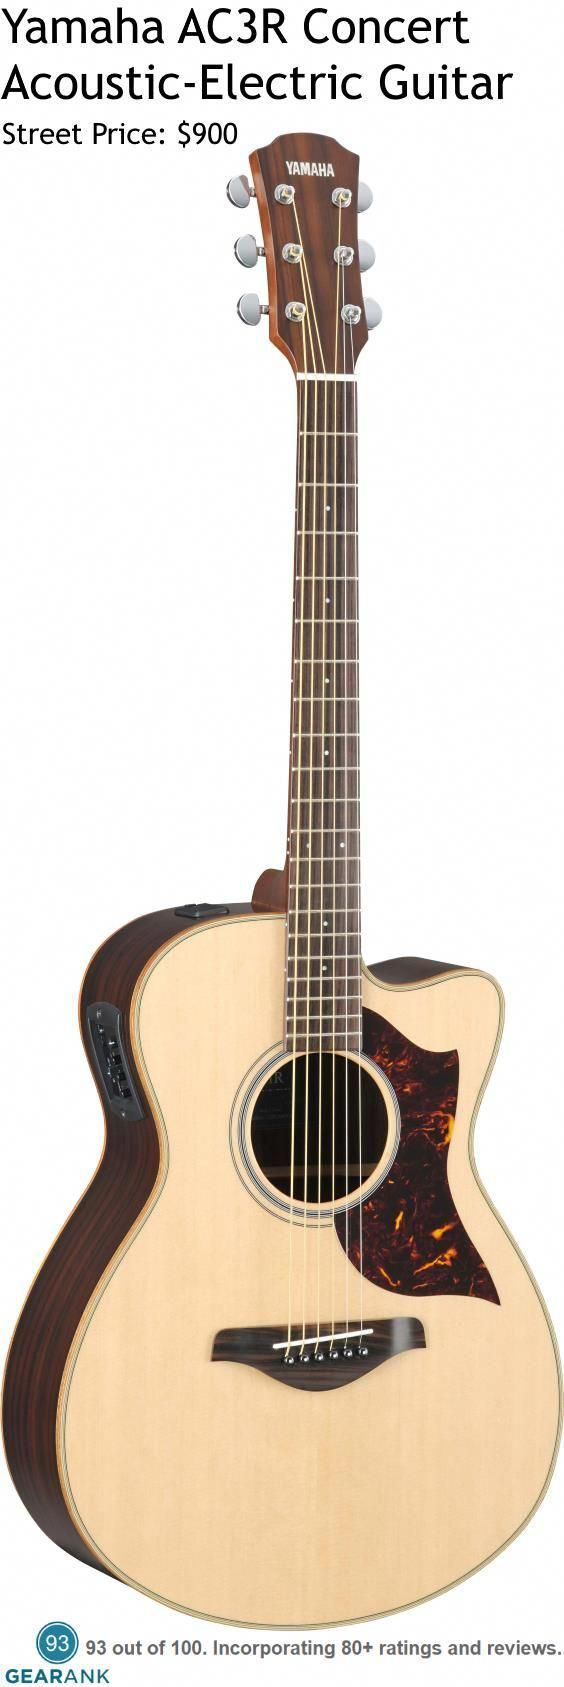 22 Remarkable Yamaha Guitar Jack Plate Yamaha Guitar Bag Acoustic Guitarcenter Guitarporn Yamahaguitars Yamaha Guitar Acoustic Yamaha Acoustic Guitar